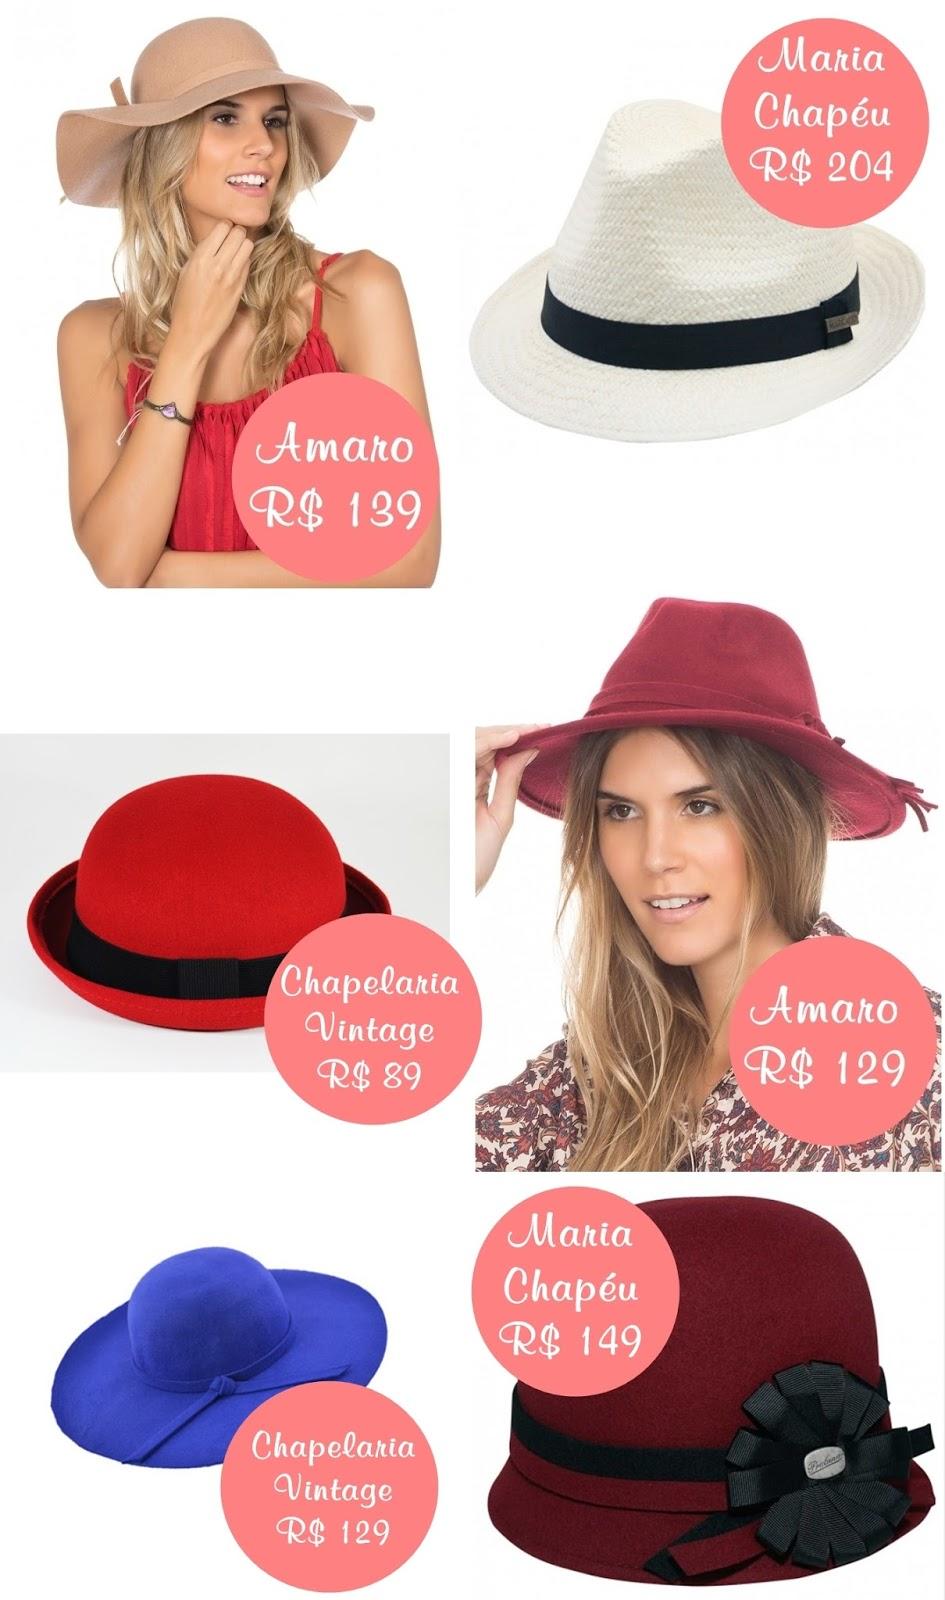 Como Usar Chapéu - Veja os Melhores Modelos Pro Seu tipo de Rosto e ... 945b8a18159